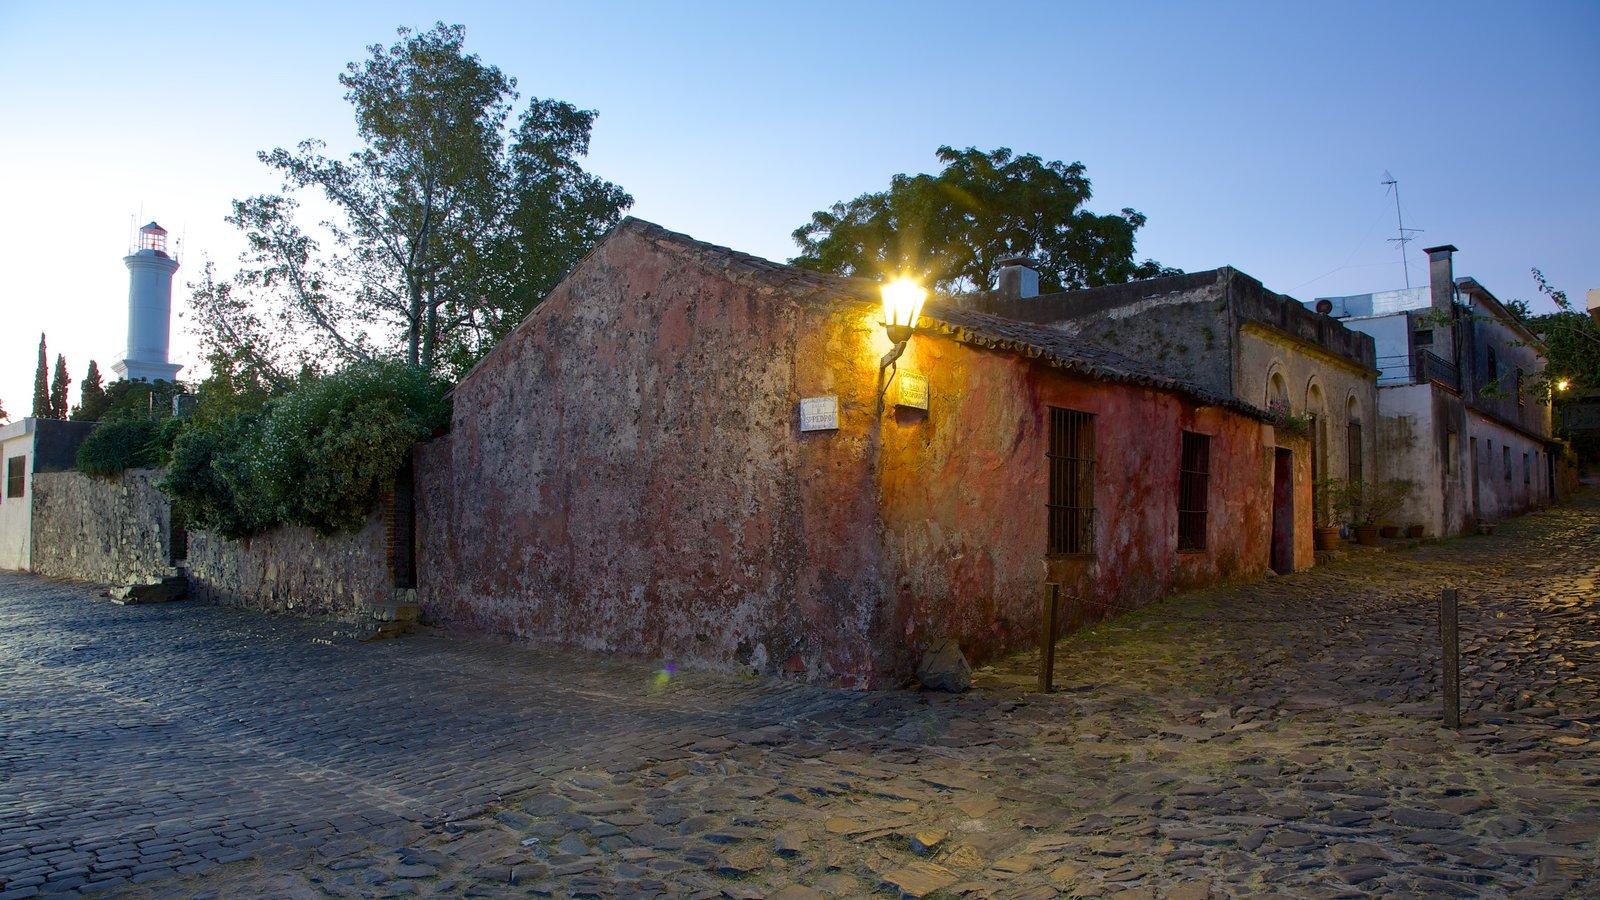 Calle de los Suspiros que inclui uma casa, cenas de rua e uma cidade pequena ou vila